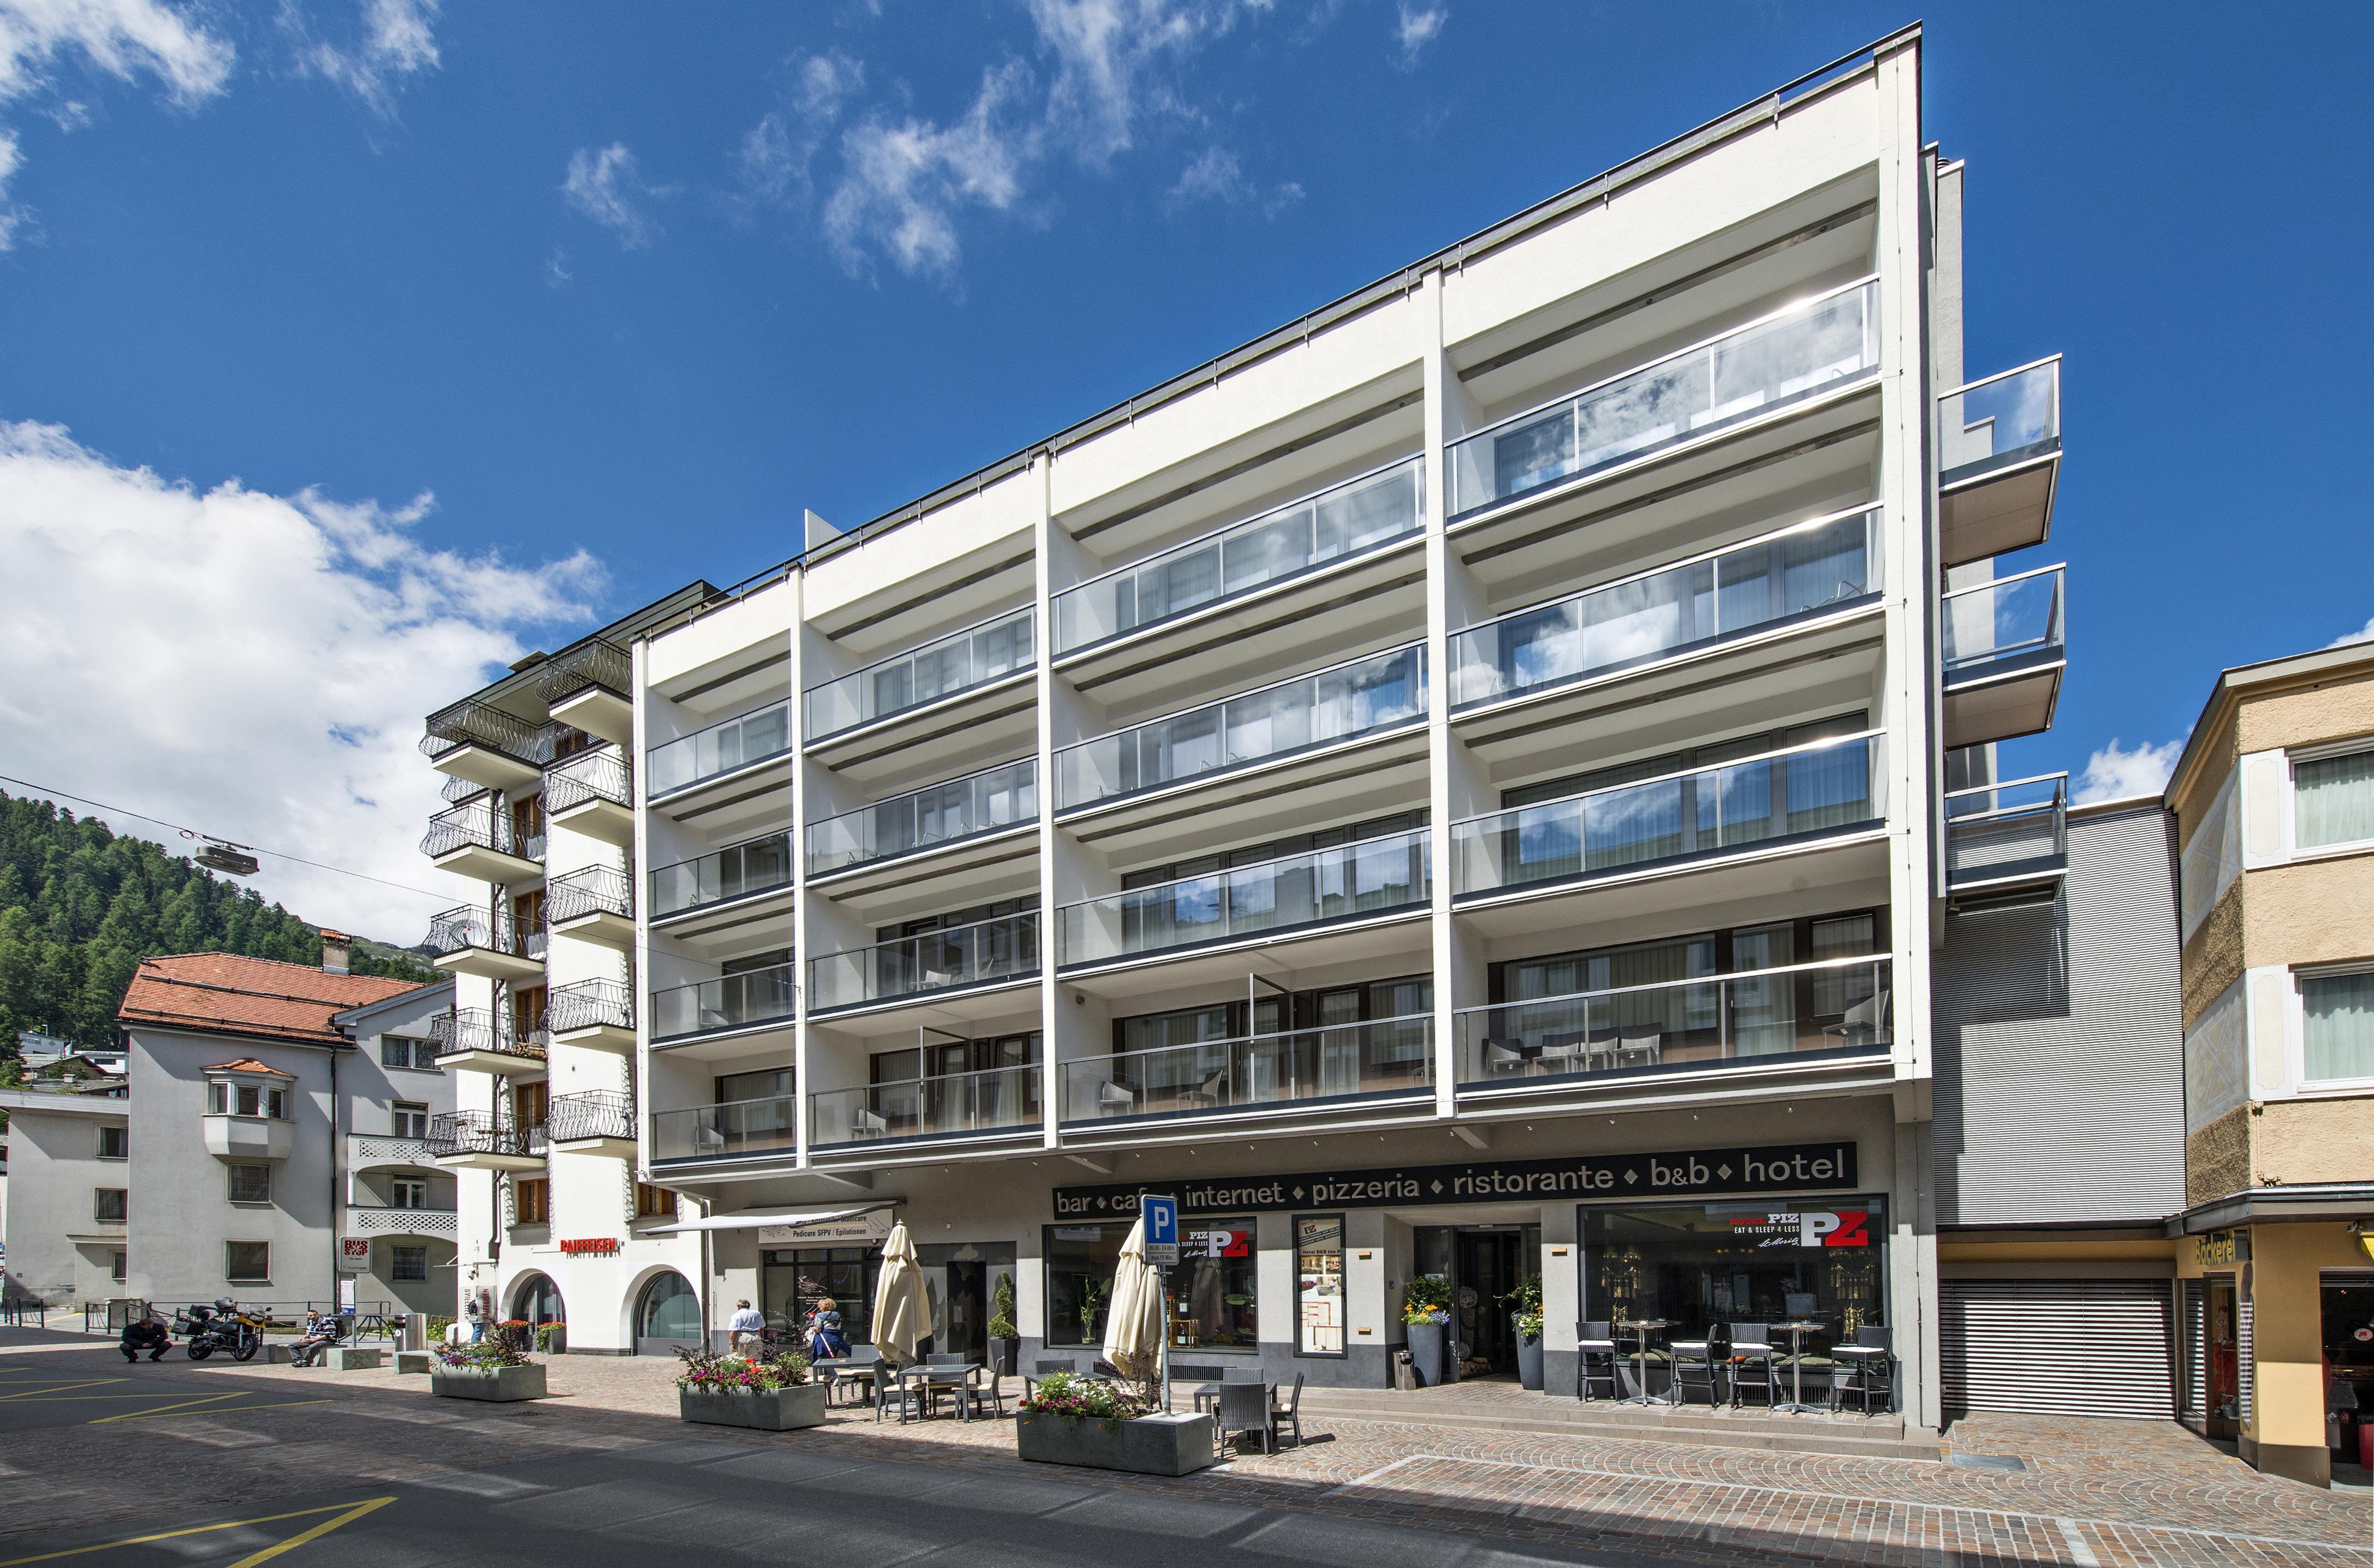 Hotel Restaurant Piz St. Moritz Slide 1